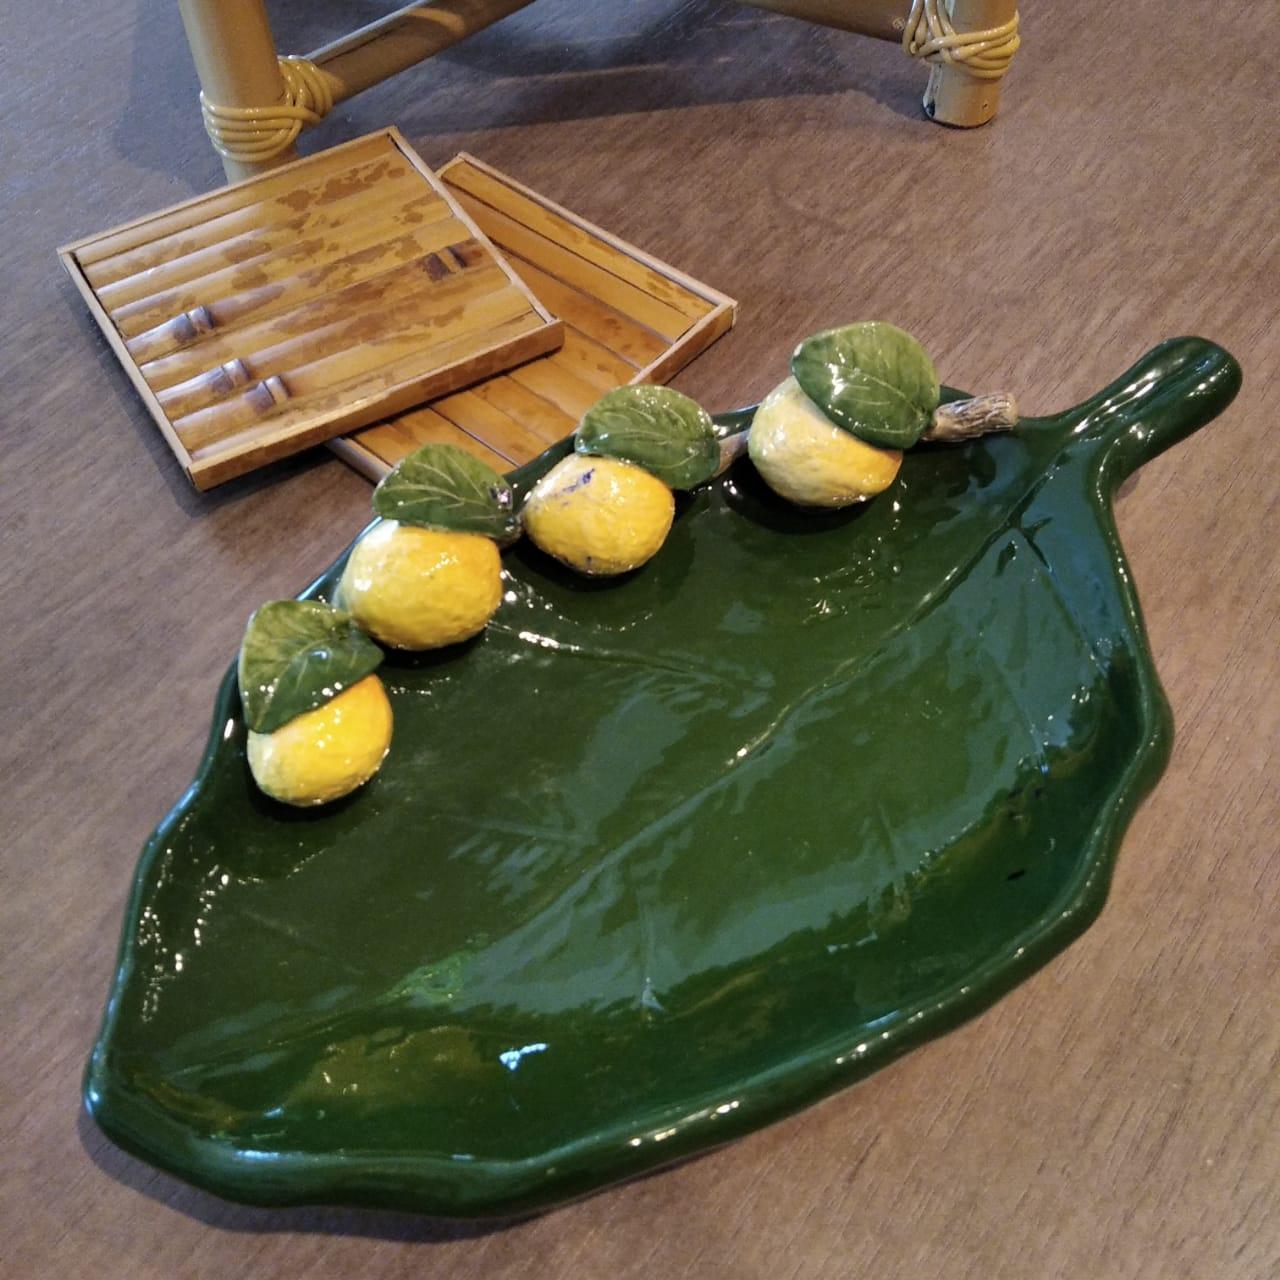 Petisqueira de Limão Siciliano  - Lemis